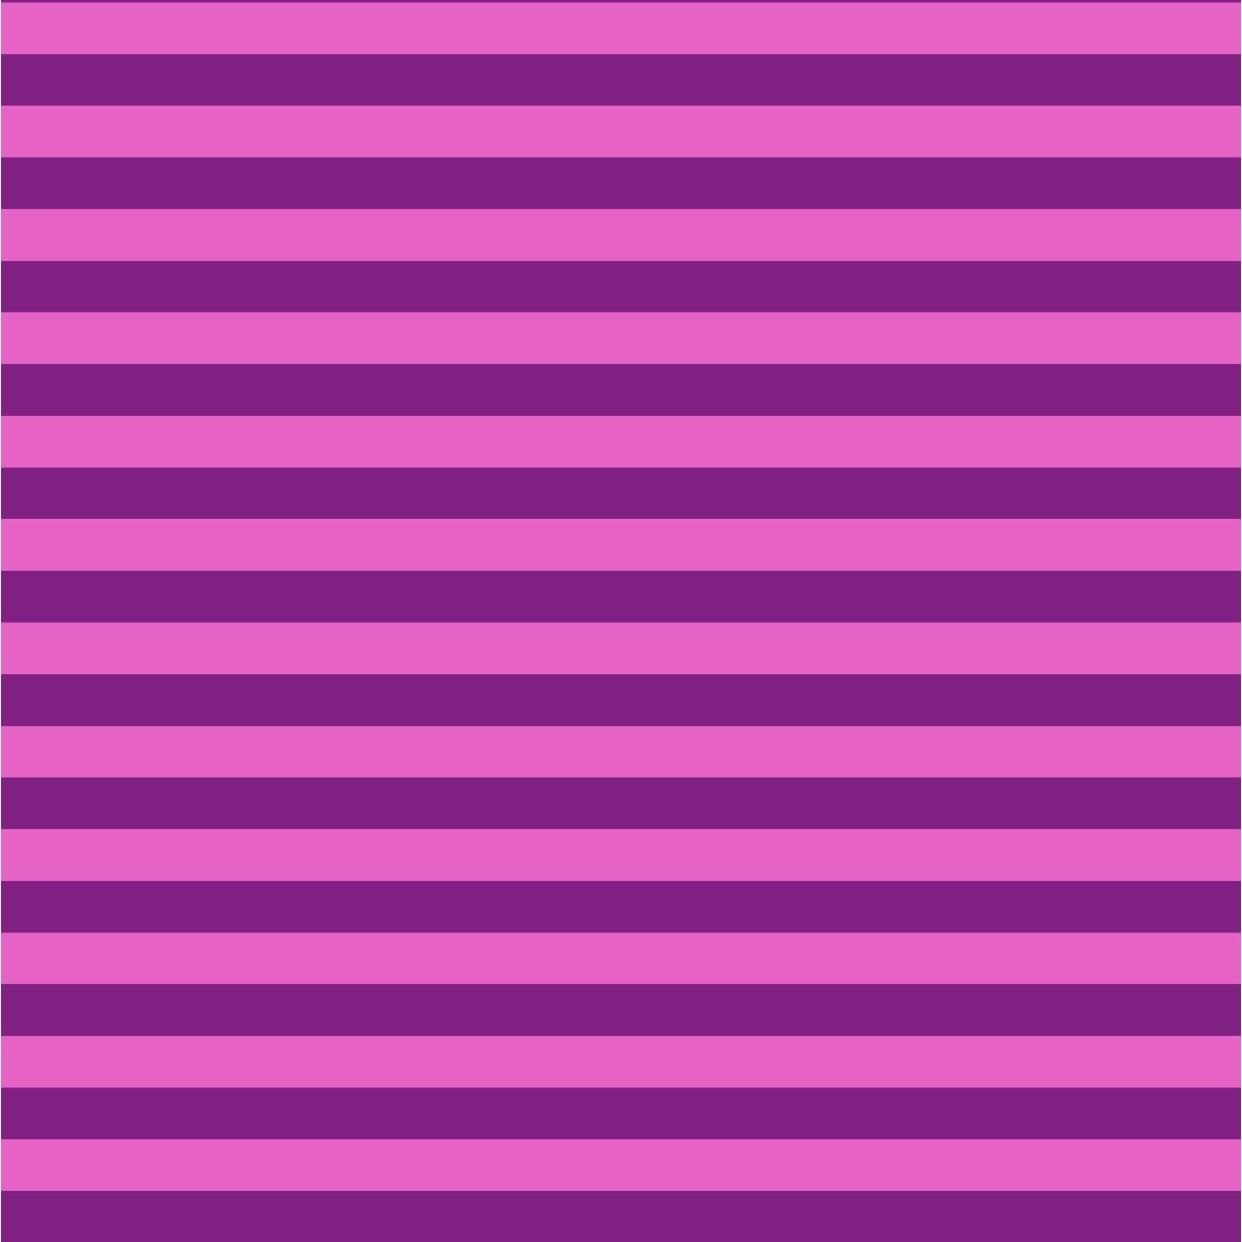 TULA PINK HOMEMADE Tent Stripe - Foxglove, per cm or $17/m